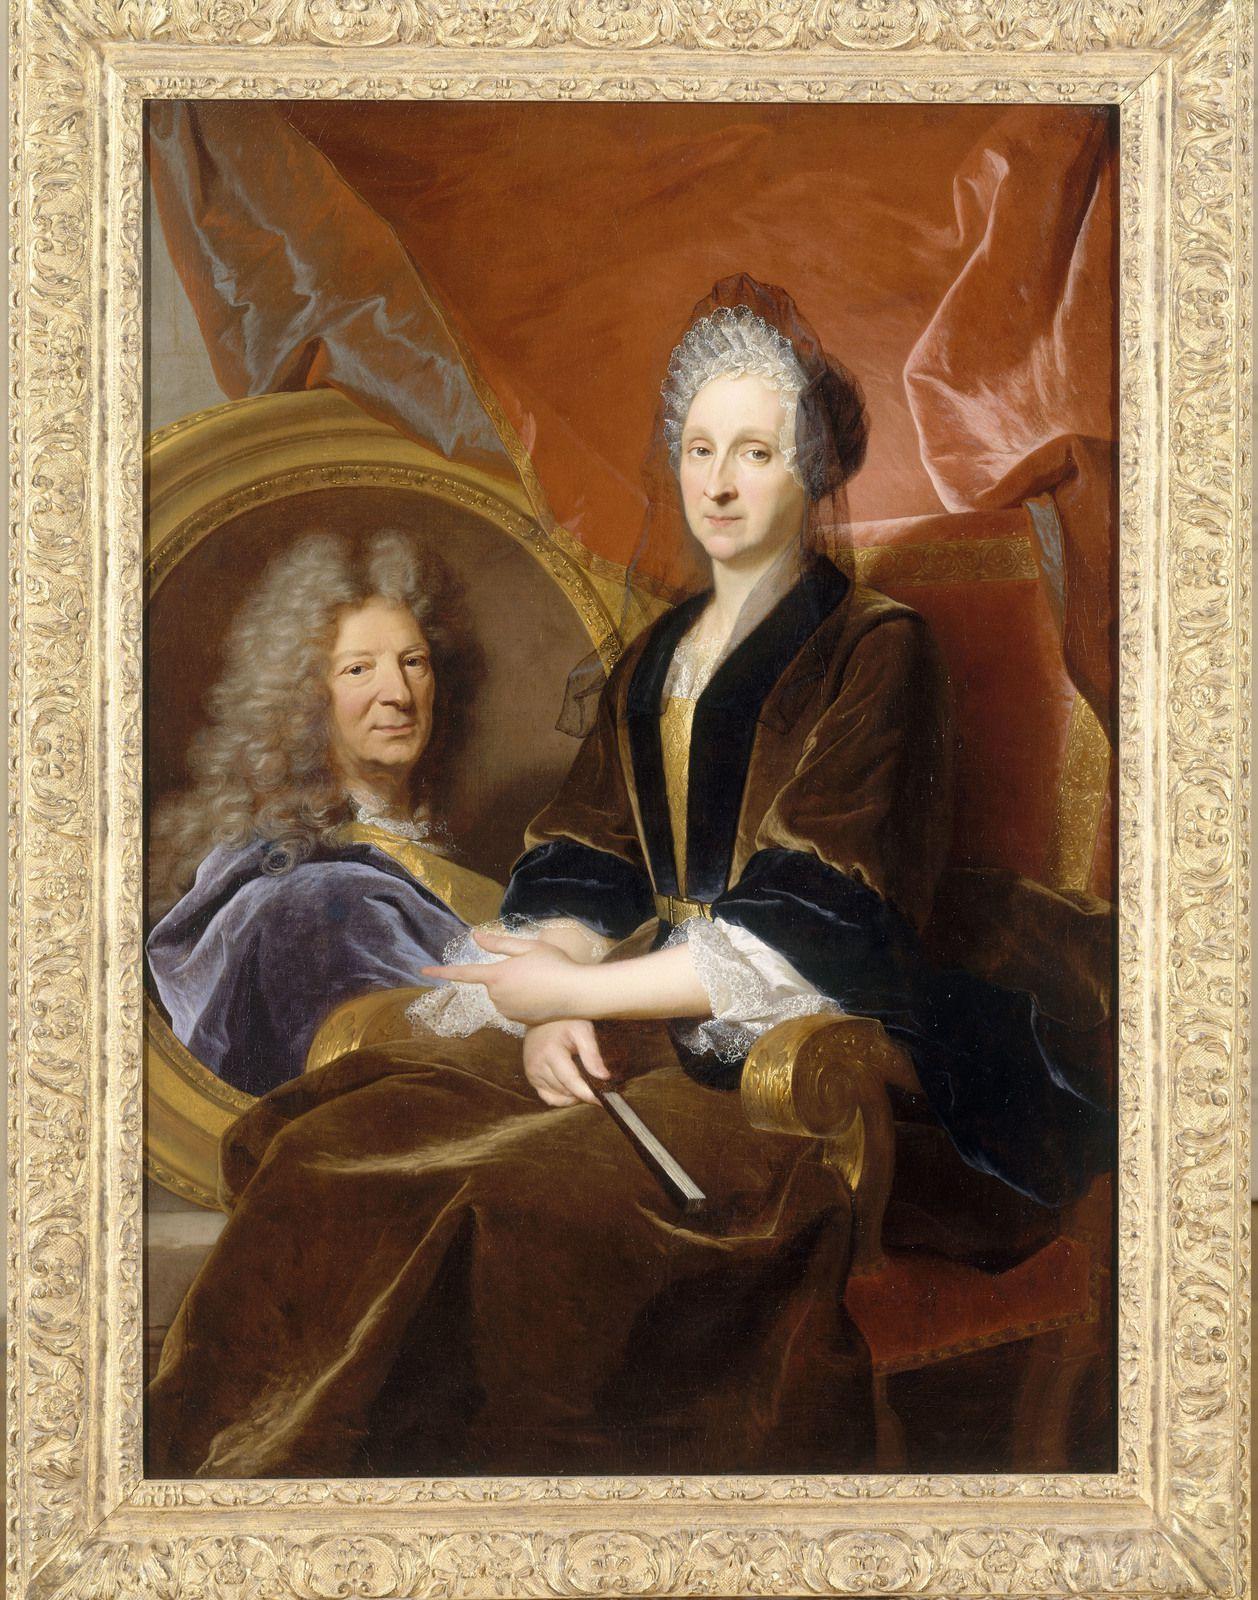 Hyacinthe Rigaud, portrait dit de Madame de Montginot et de son défunt mari, v. 1700. Nantes, muées des Beau-arts © cliché MBA